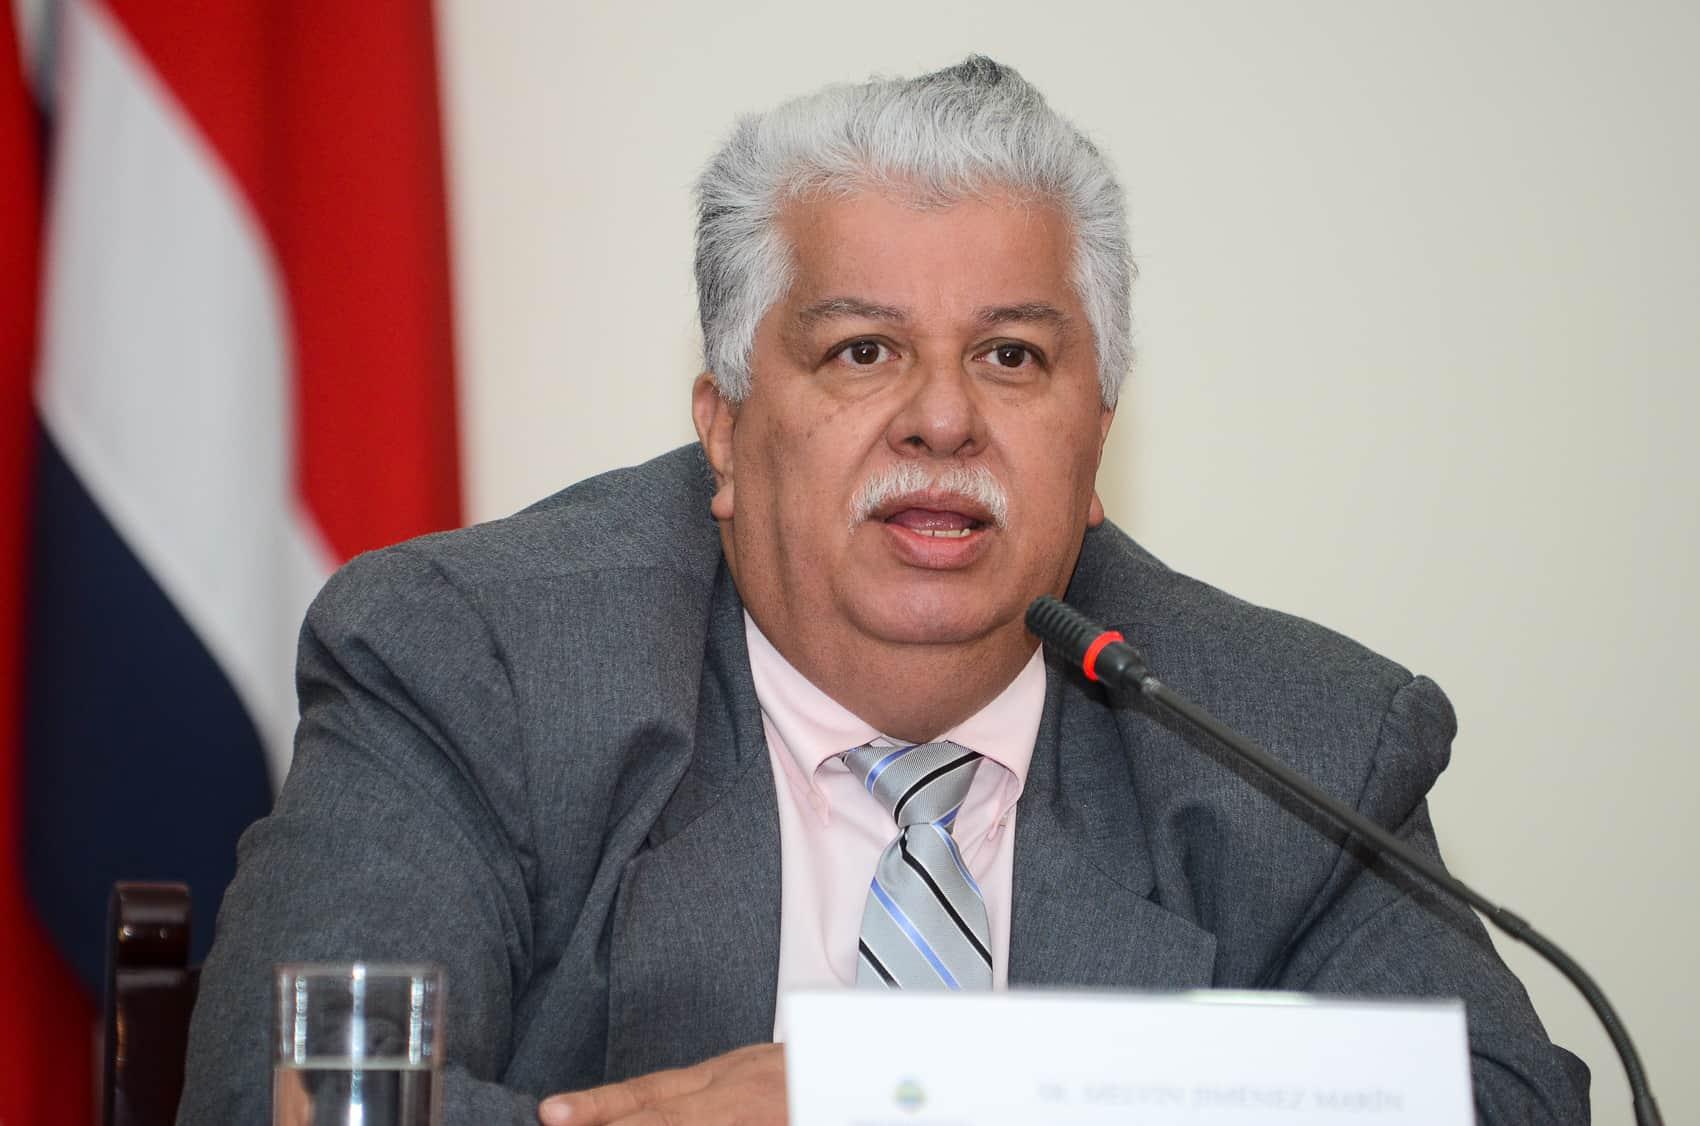 Presidency Minister Melvin Jiménez Marín